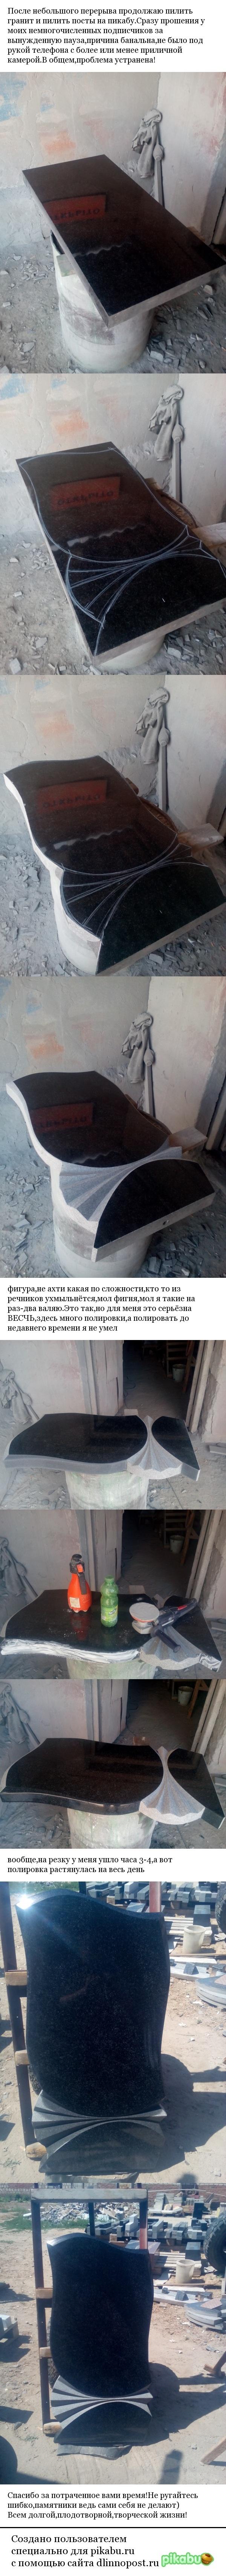 Гранитный будни.Часть 6 Длиннопост, Памятник, Гранит, Работа, Хобби, Ахтубинск